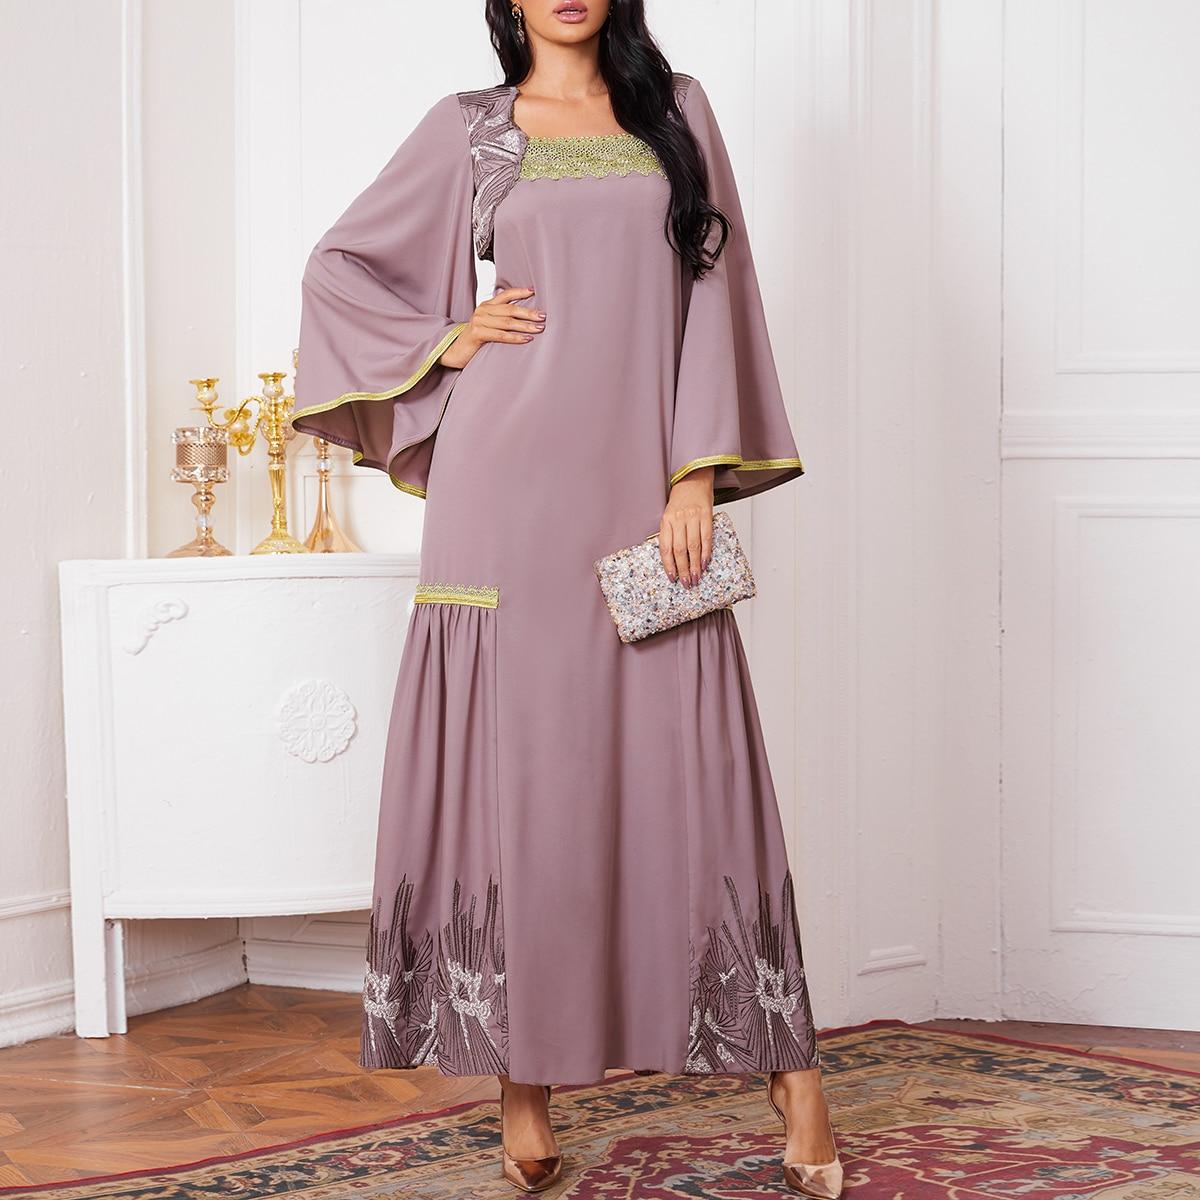 Kleid mit Kontrast Guipure Spitzen Detail, Glockenärmeln und Stickereien